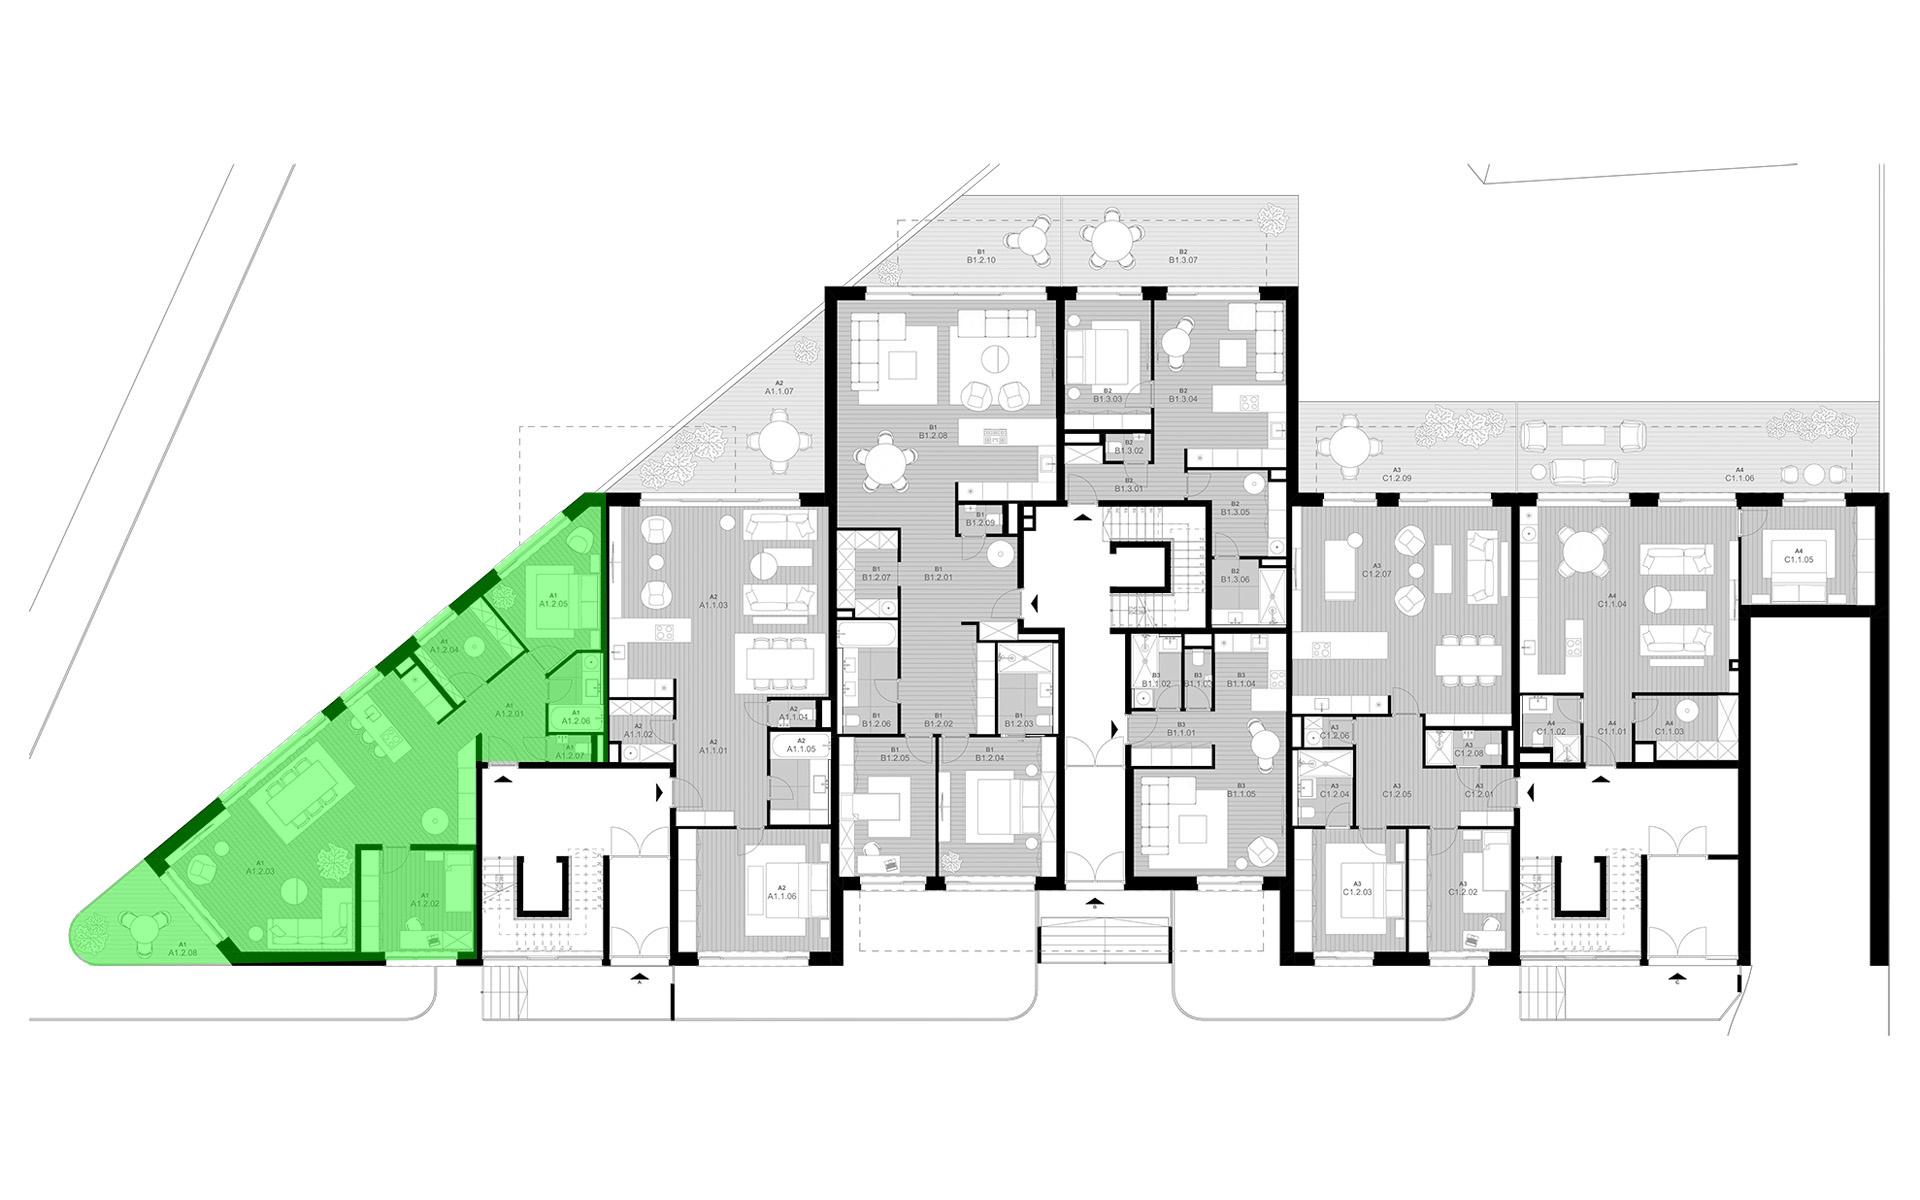 rezidencia K Železnej Studienke - pôdorys so zvýraznením apartmánu A1.2